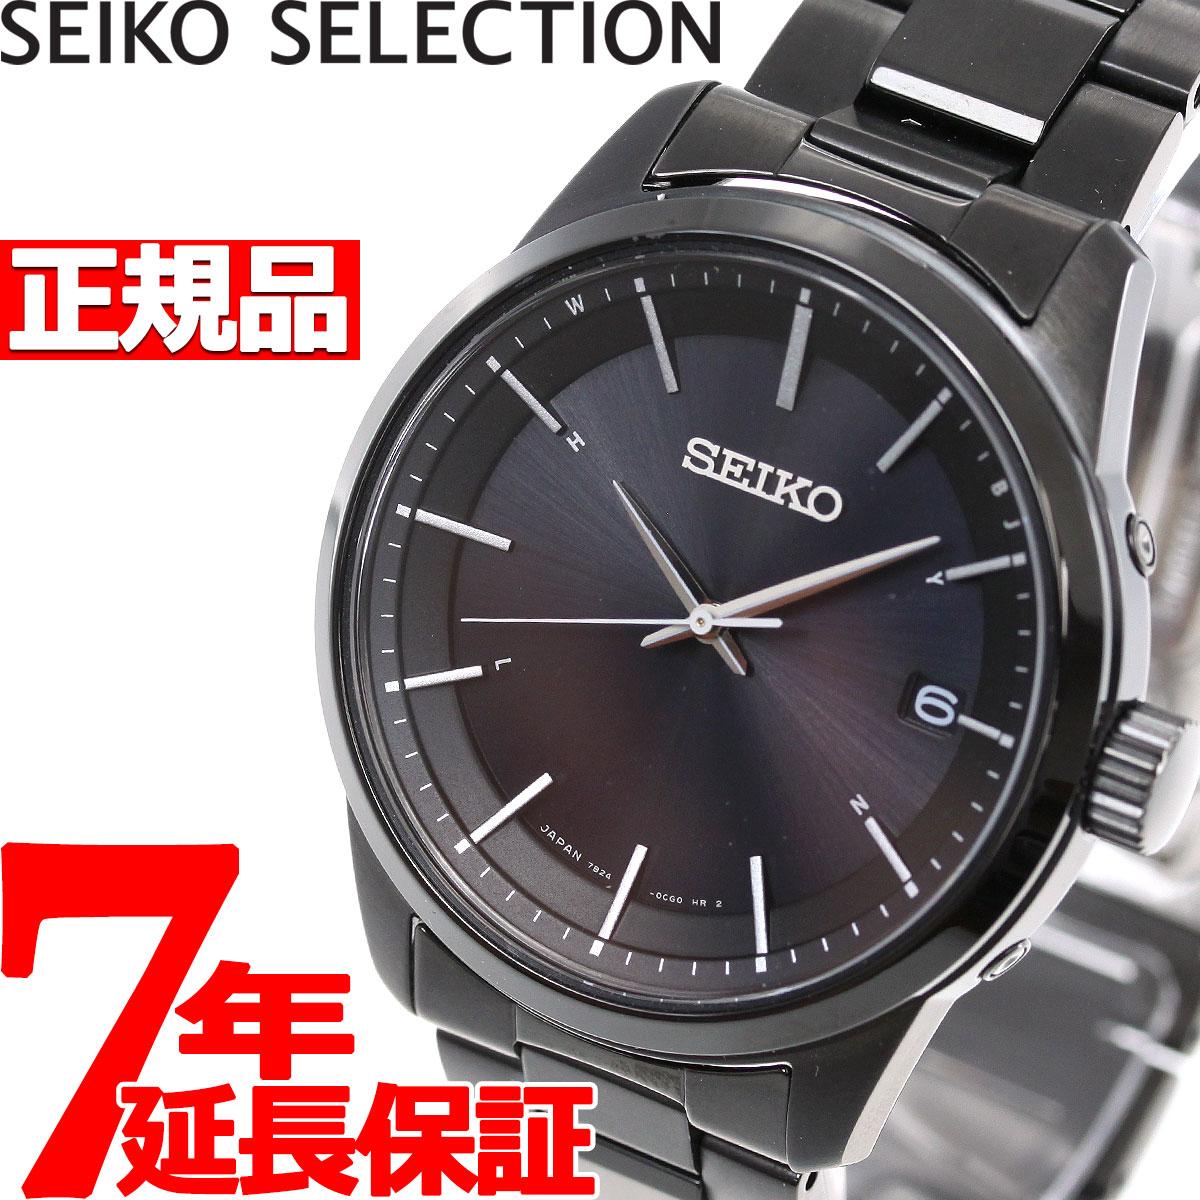 今だけ!店内ポイント最大38倍!19日9時59分まで! セイコー セレクション SEIKO SELECTION 電波 ソーラー 電波時計 腕時計 メンズ SBTM257